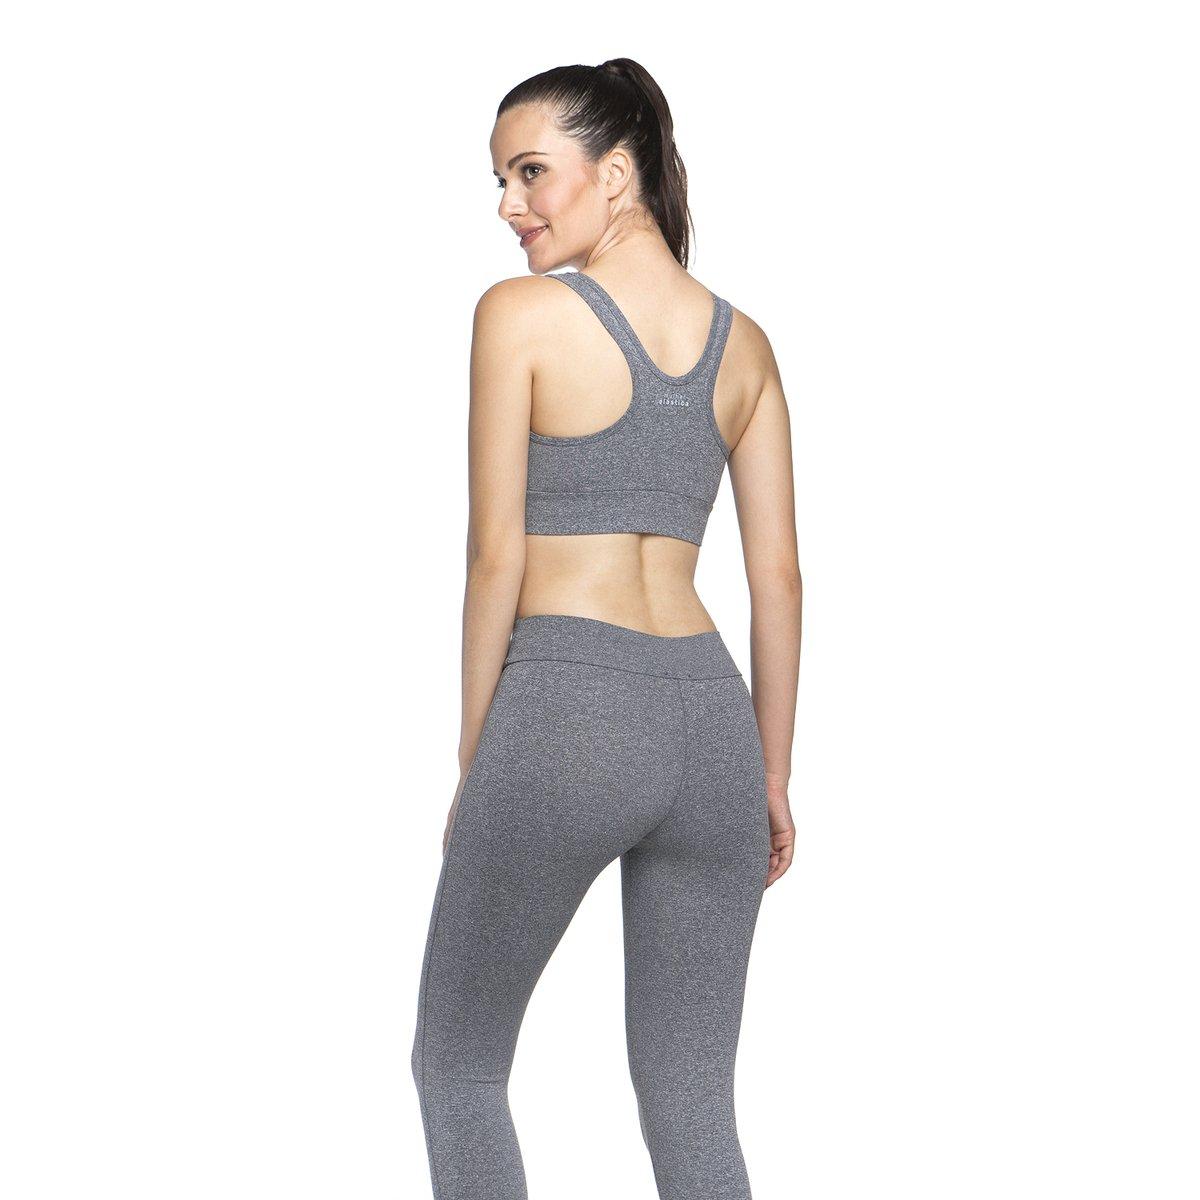 Top Cinza Ju Supplex Ju Supplex New Top Fitness Fitness Fitness New Cinza Ju Top Xwdx4E